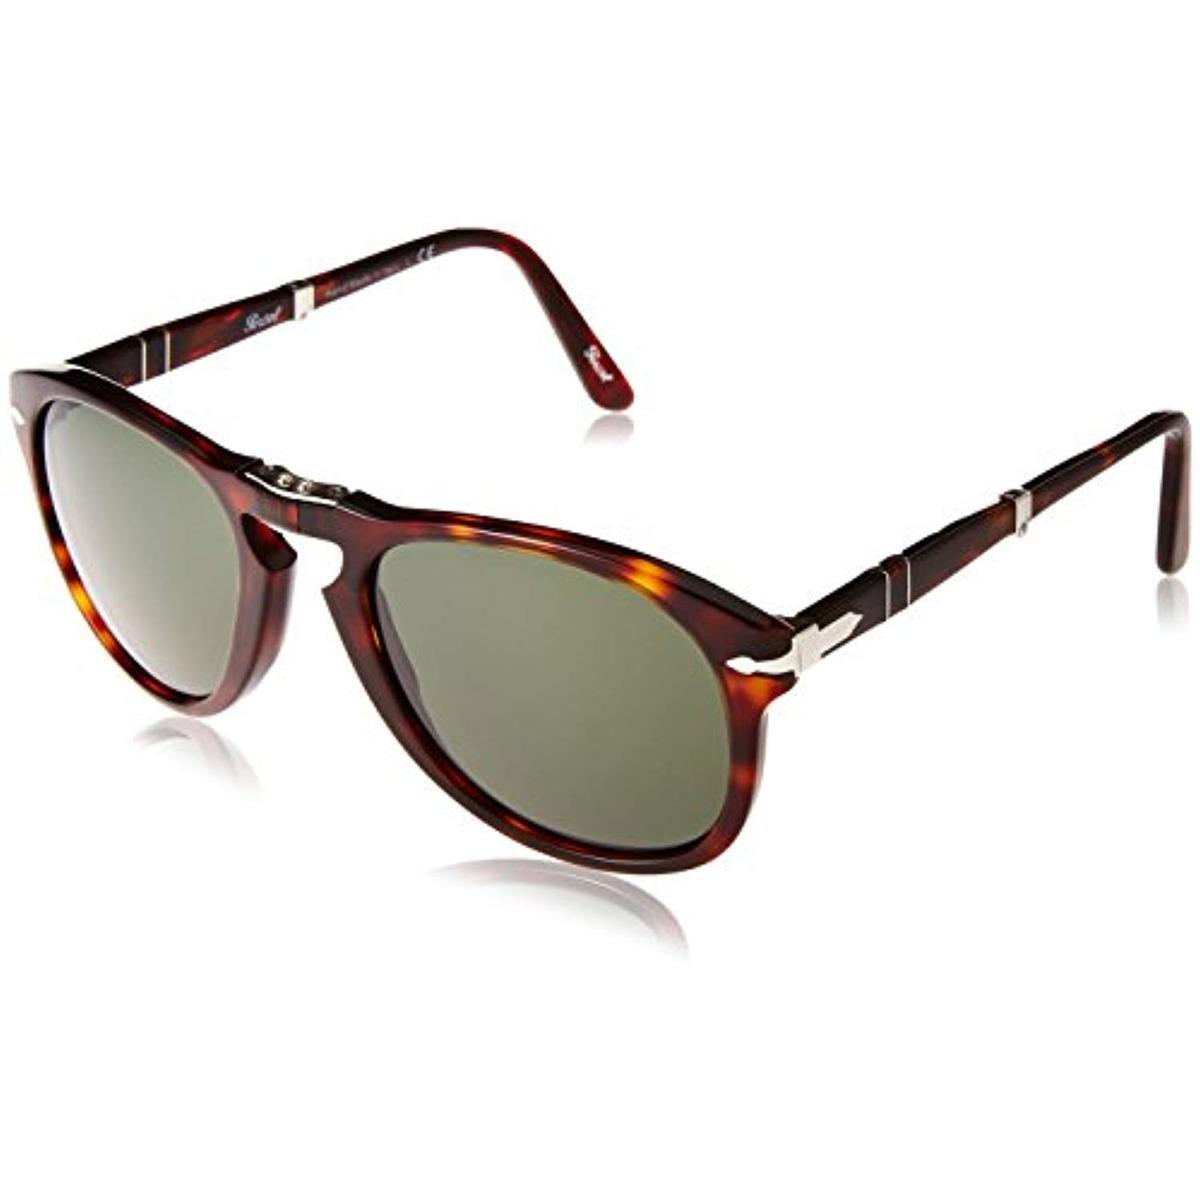 f260202557 Gafas De Sol Persol Po 714 24 31 Havana 54mm - $ 866.533 en Mercado ...